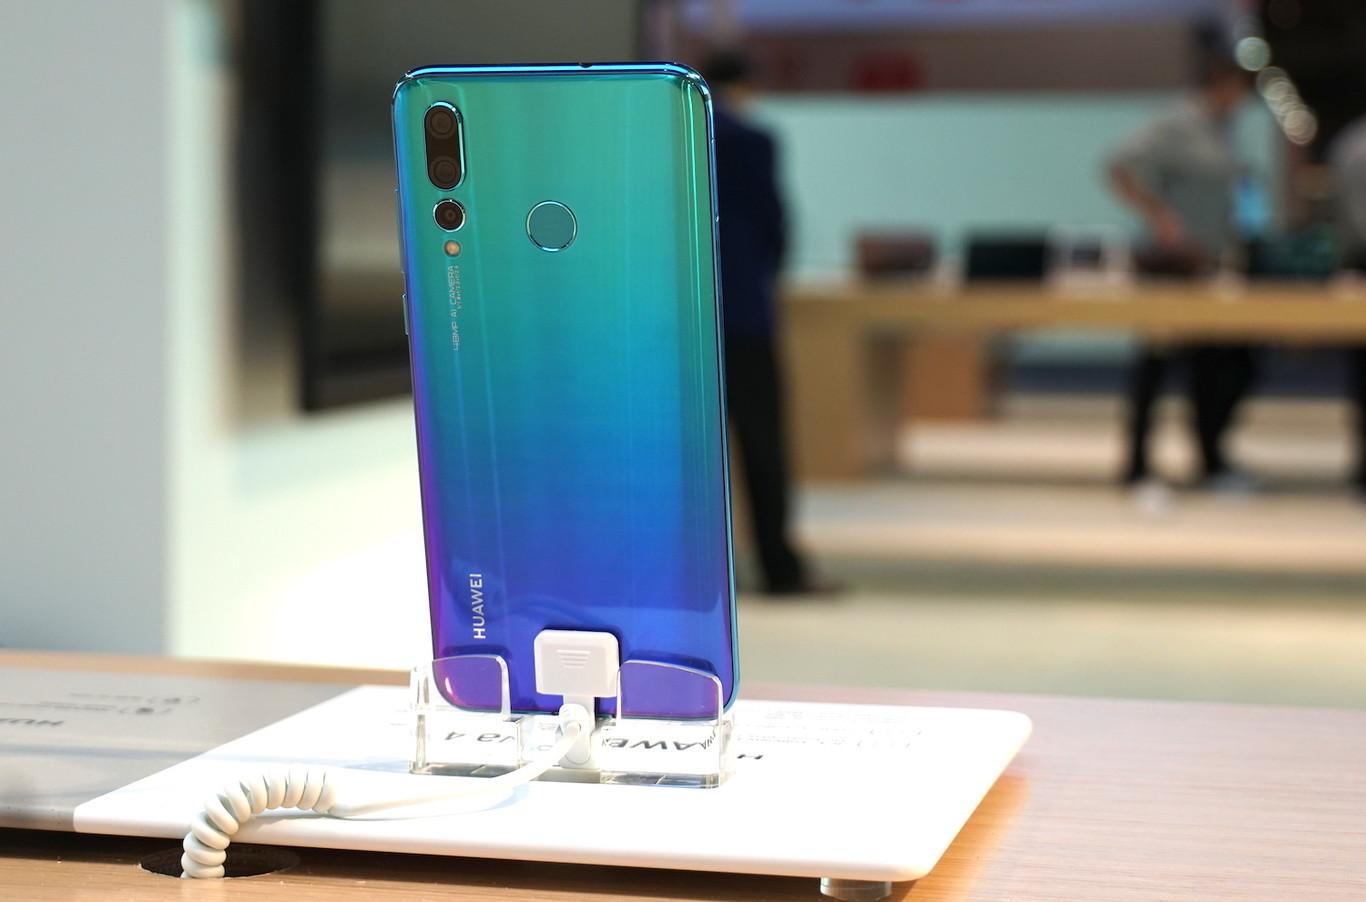 Las aplicaciones de Facebook dejarán de estar preinstaladas en los nuevos móviles de Huawei, según Reuters